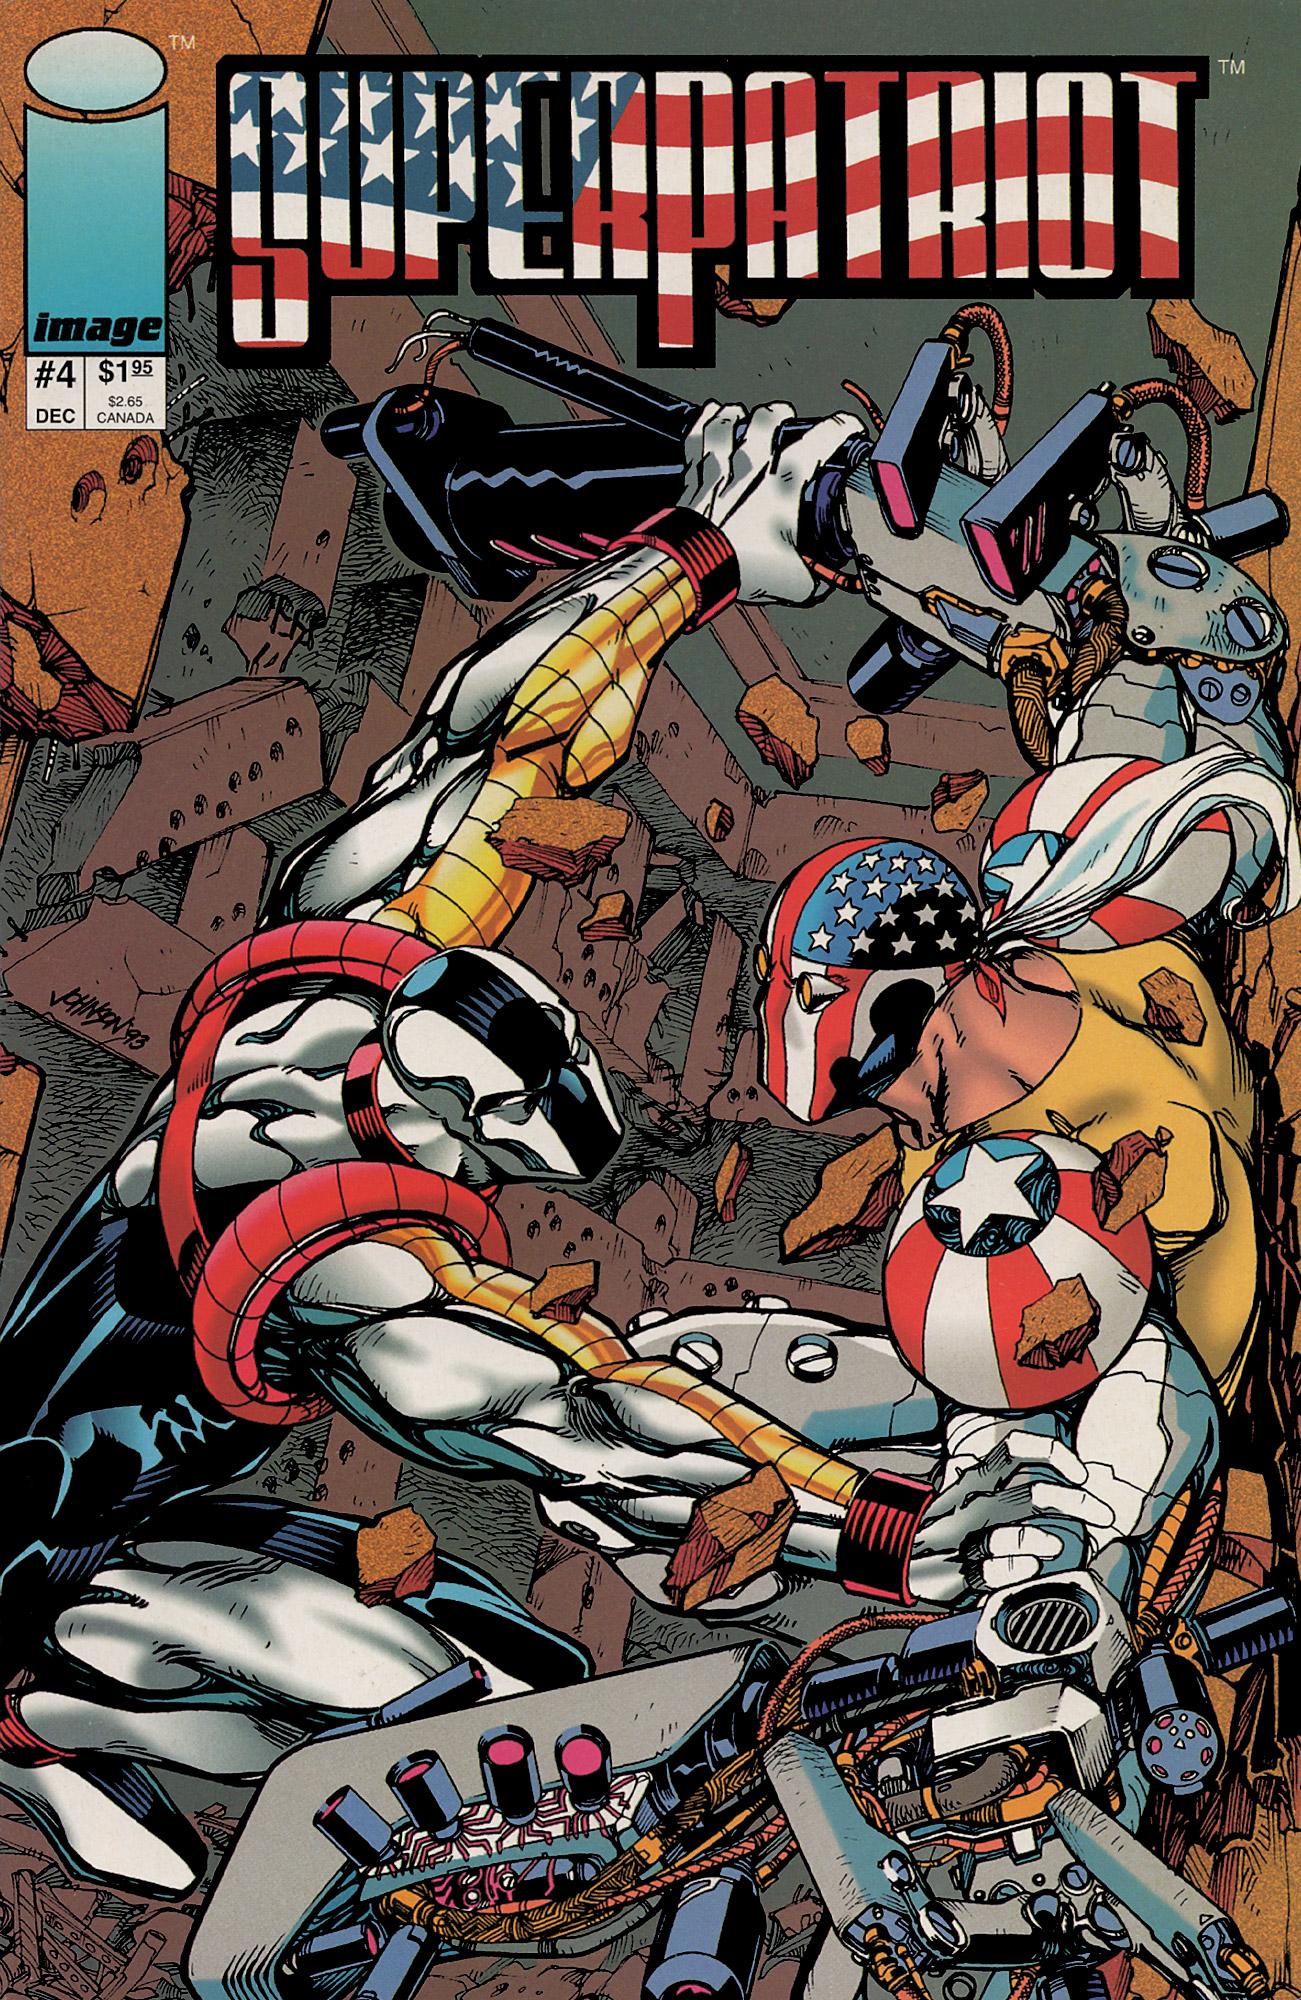 Cover SuperPatriot Vol.1 #4